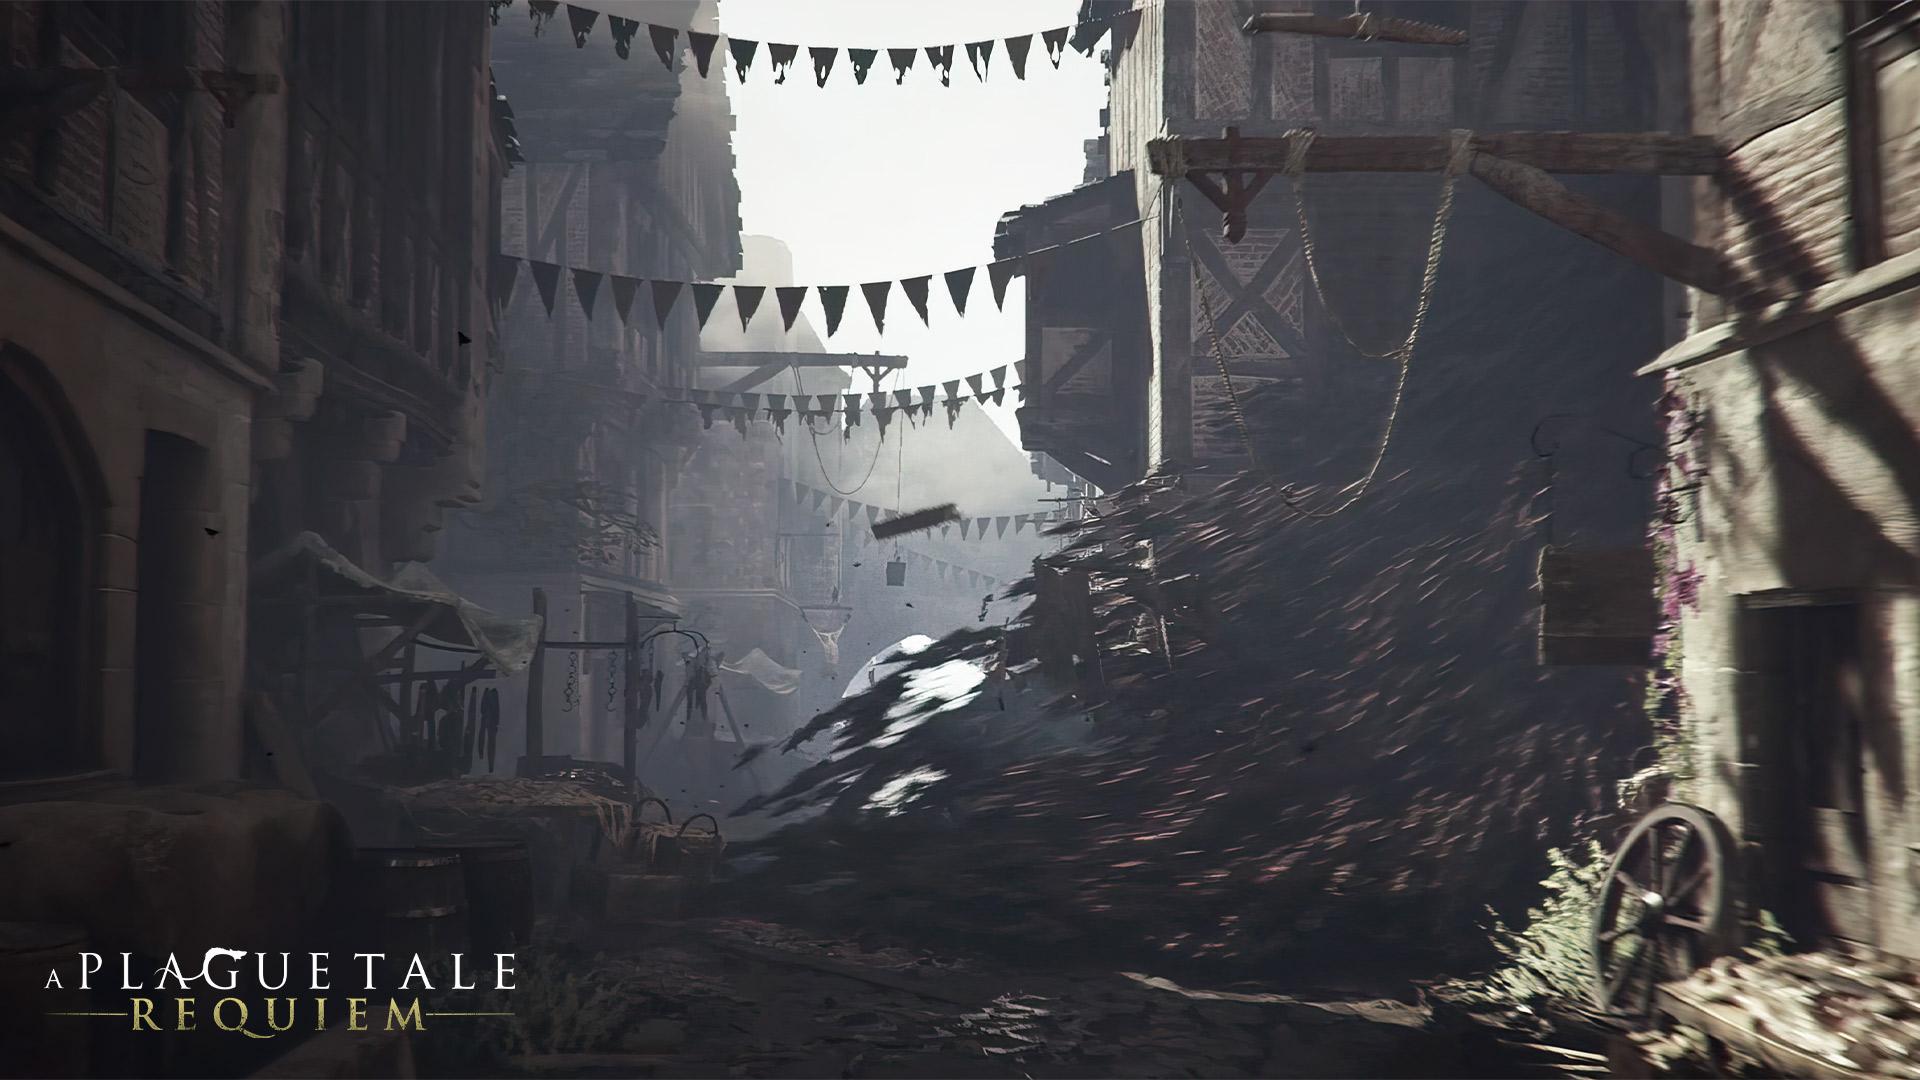 A-Plague-Tale-Requiem_2K-logo_Screenshot-01